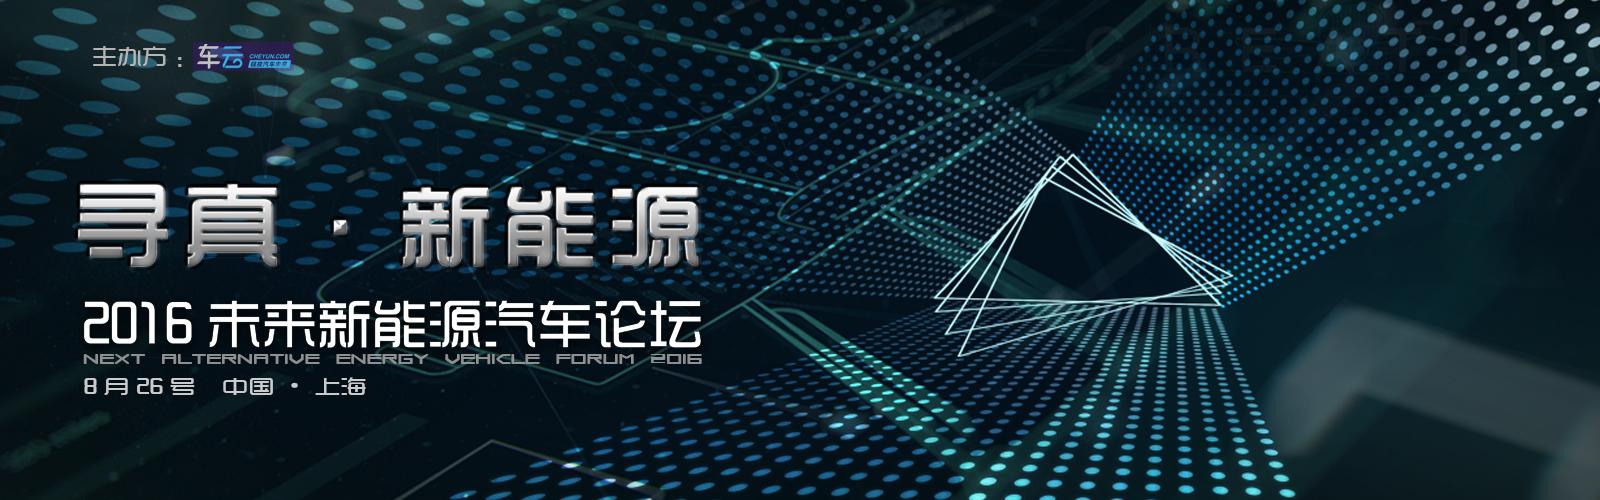 视频直播_2016未来新能源汽车论坛 - 车云网